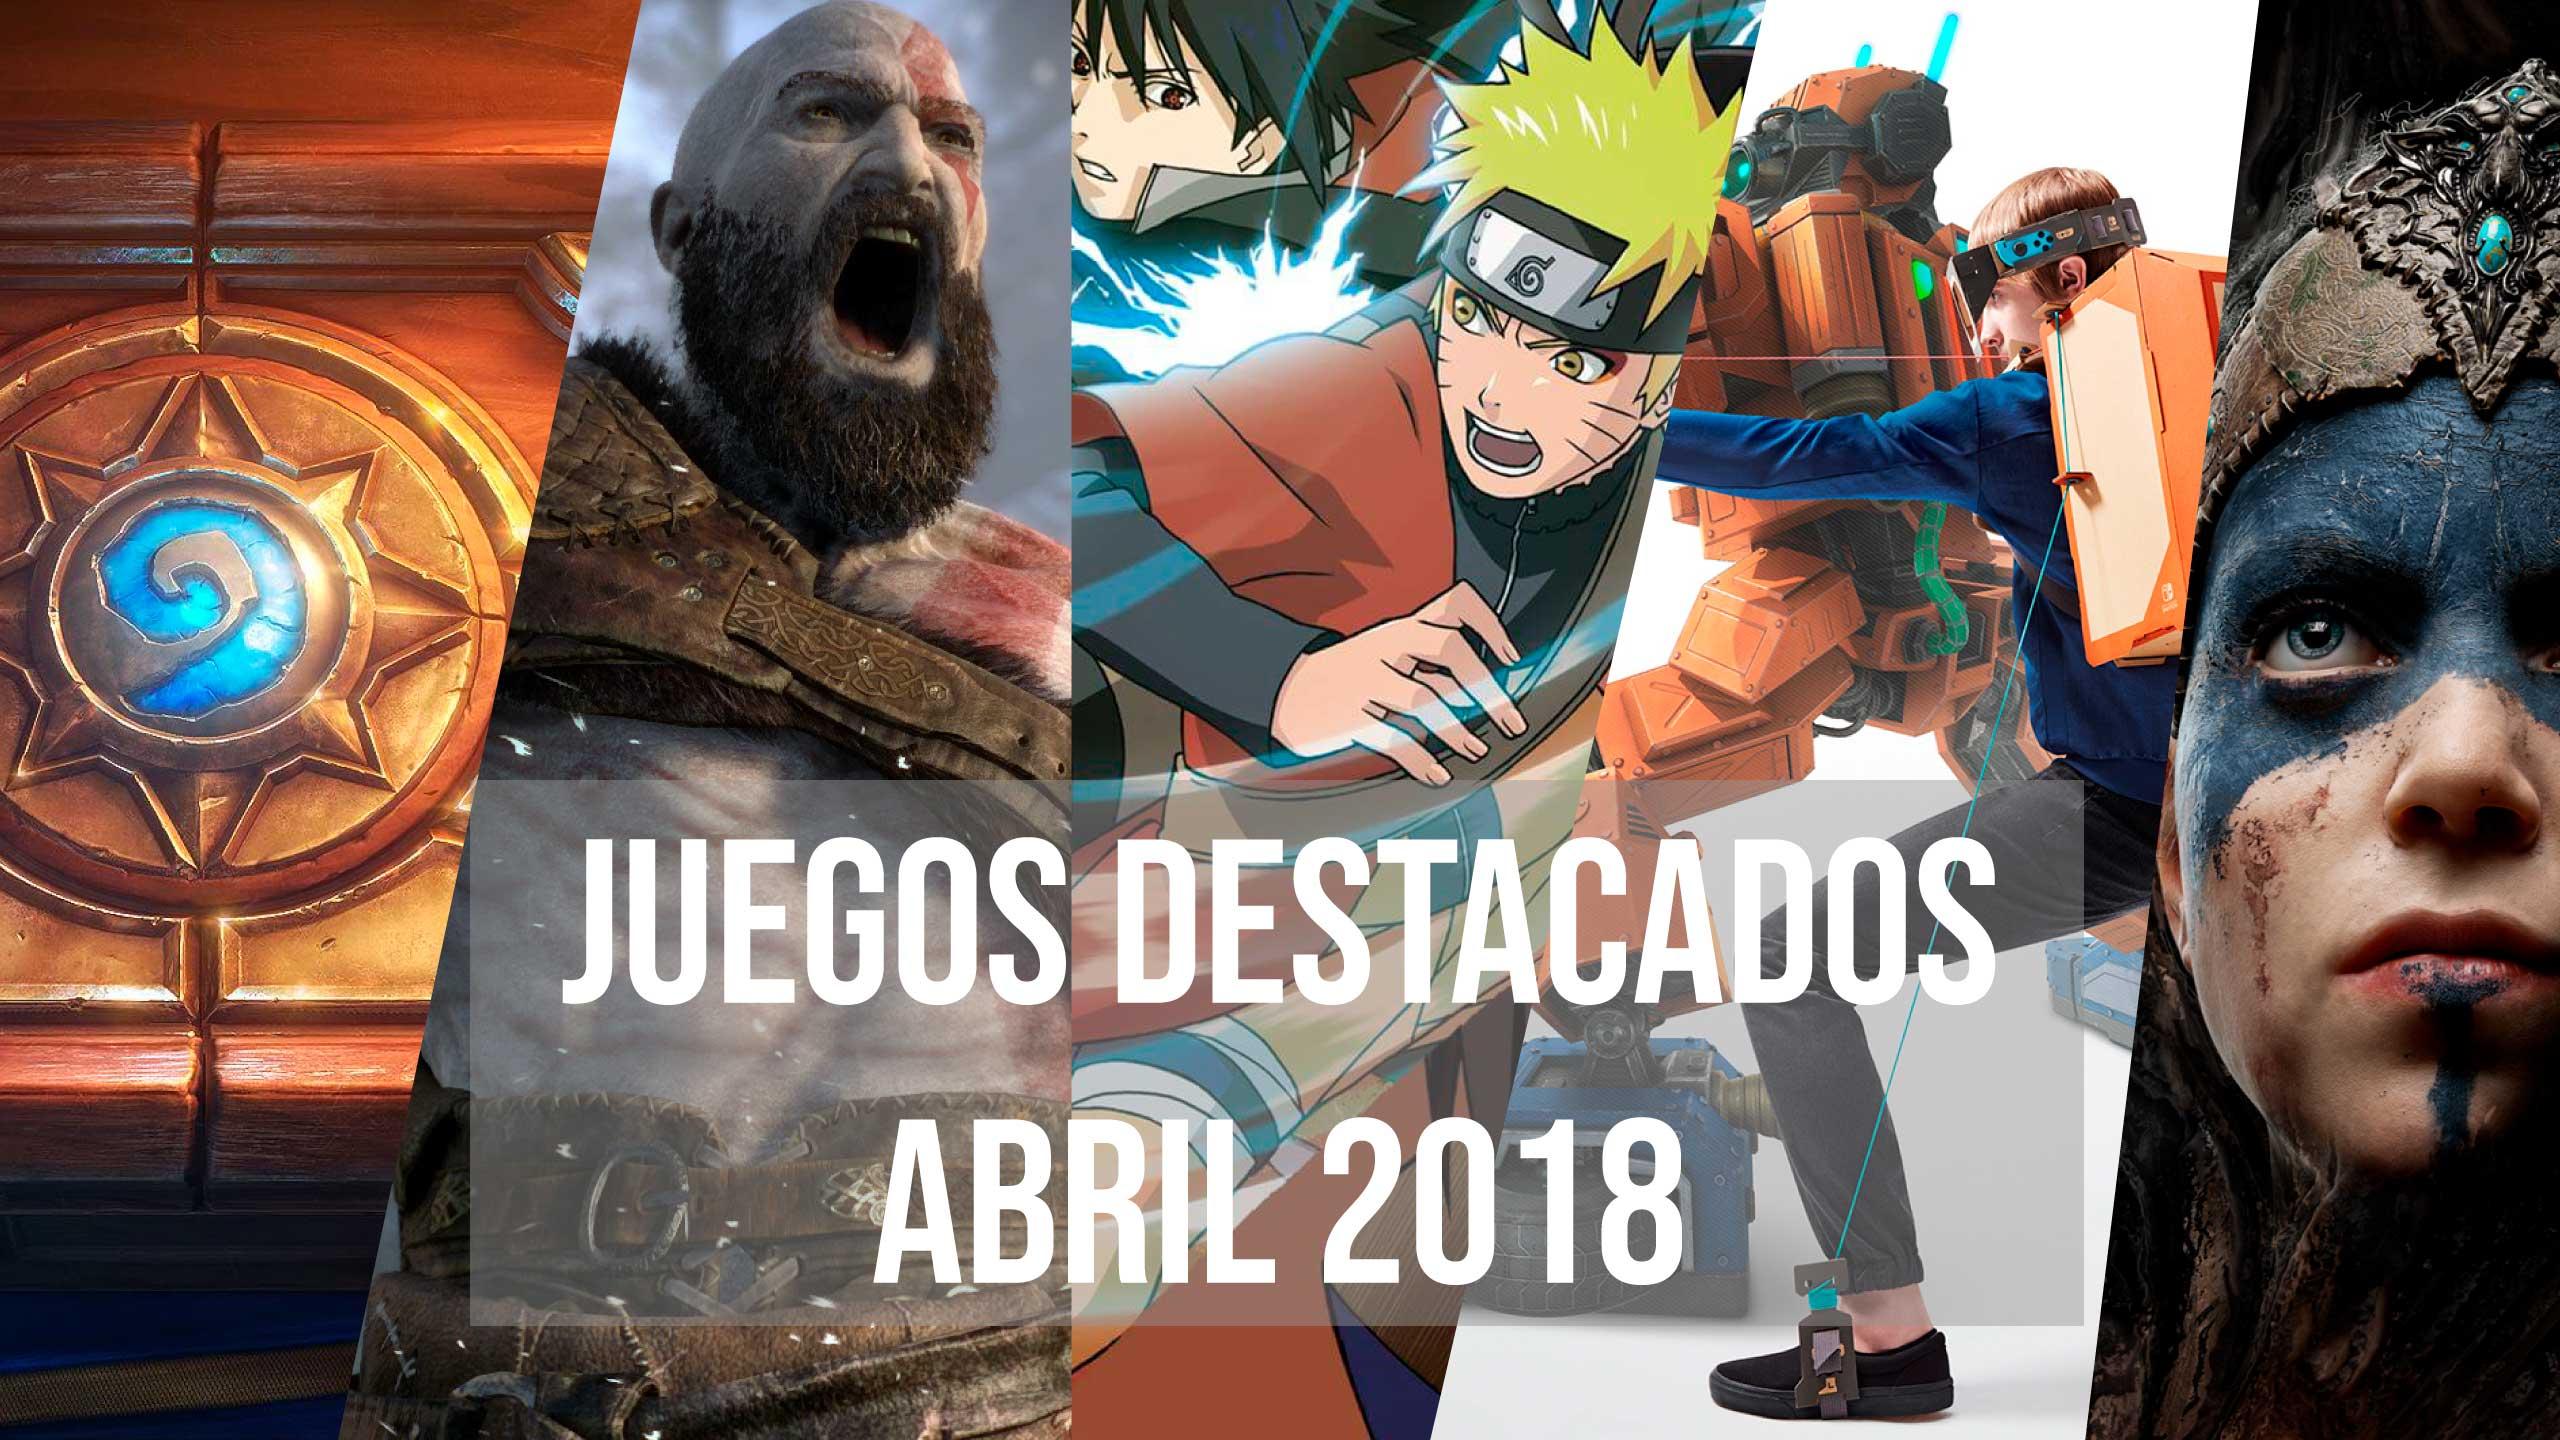 Juegos destacados abril 2018